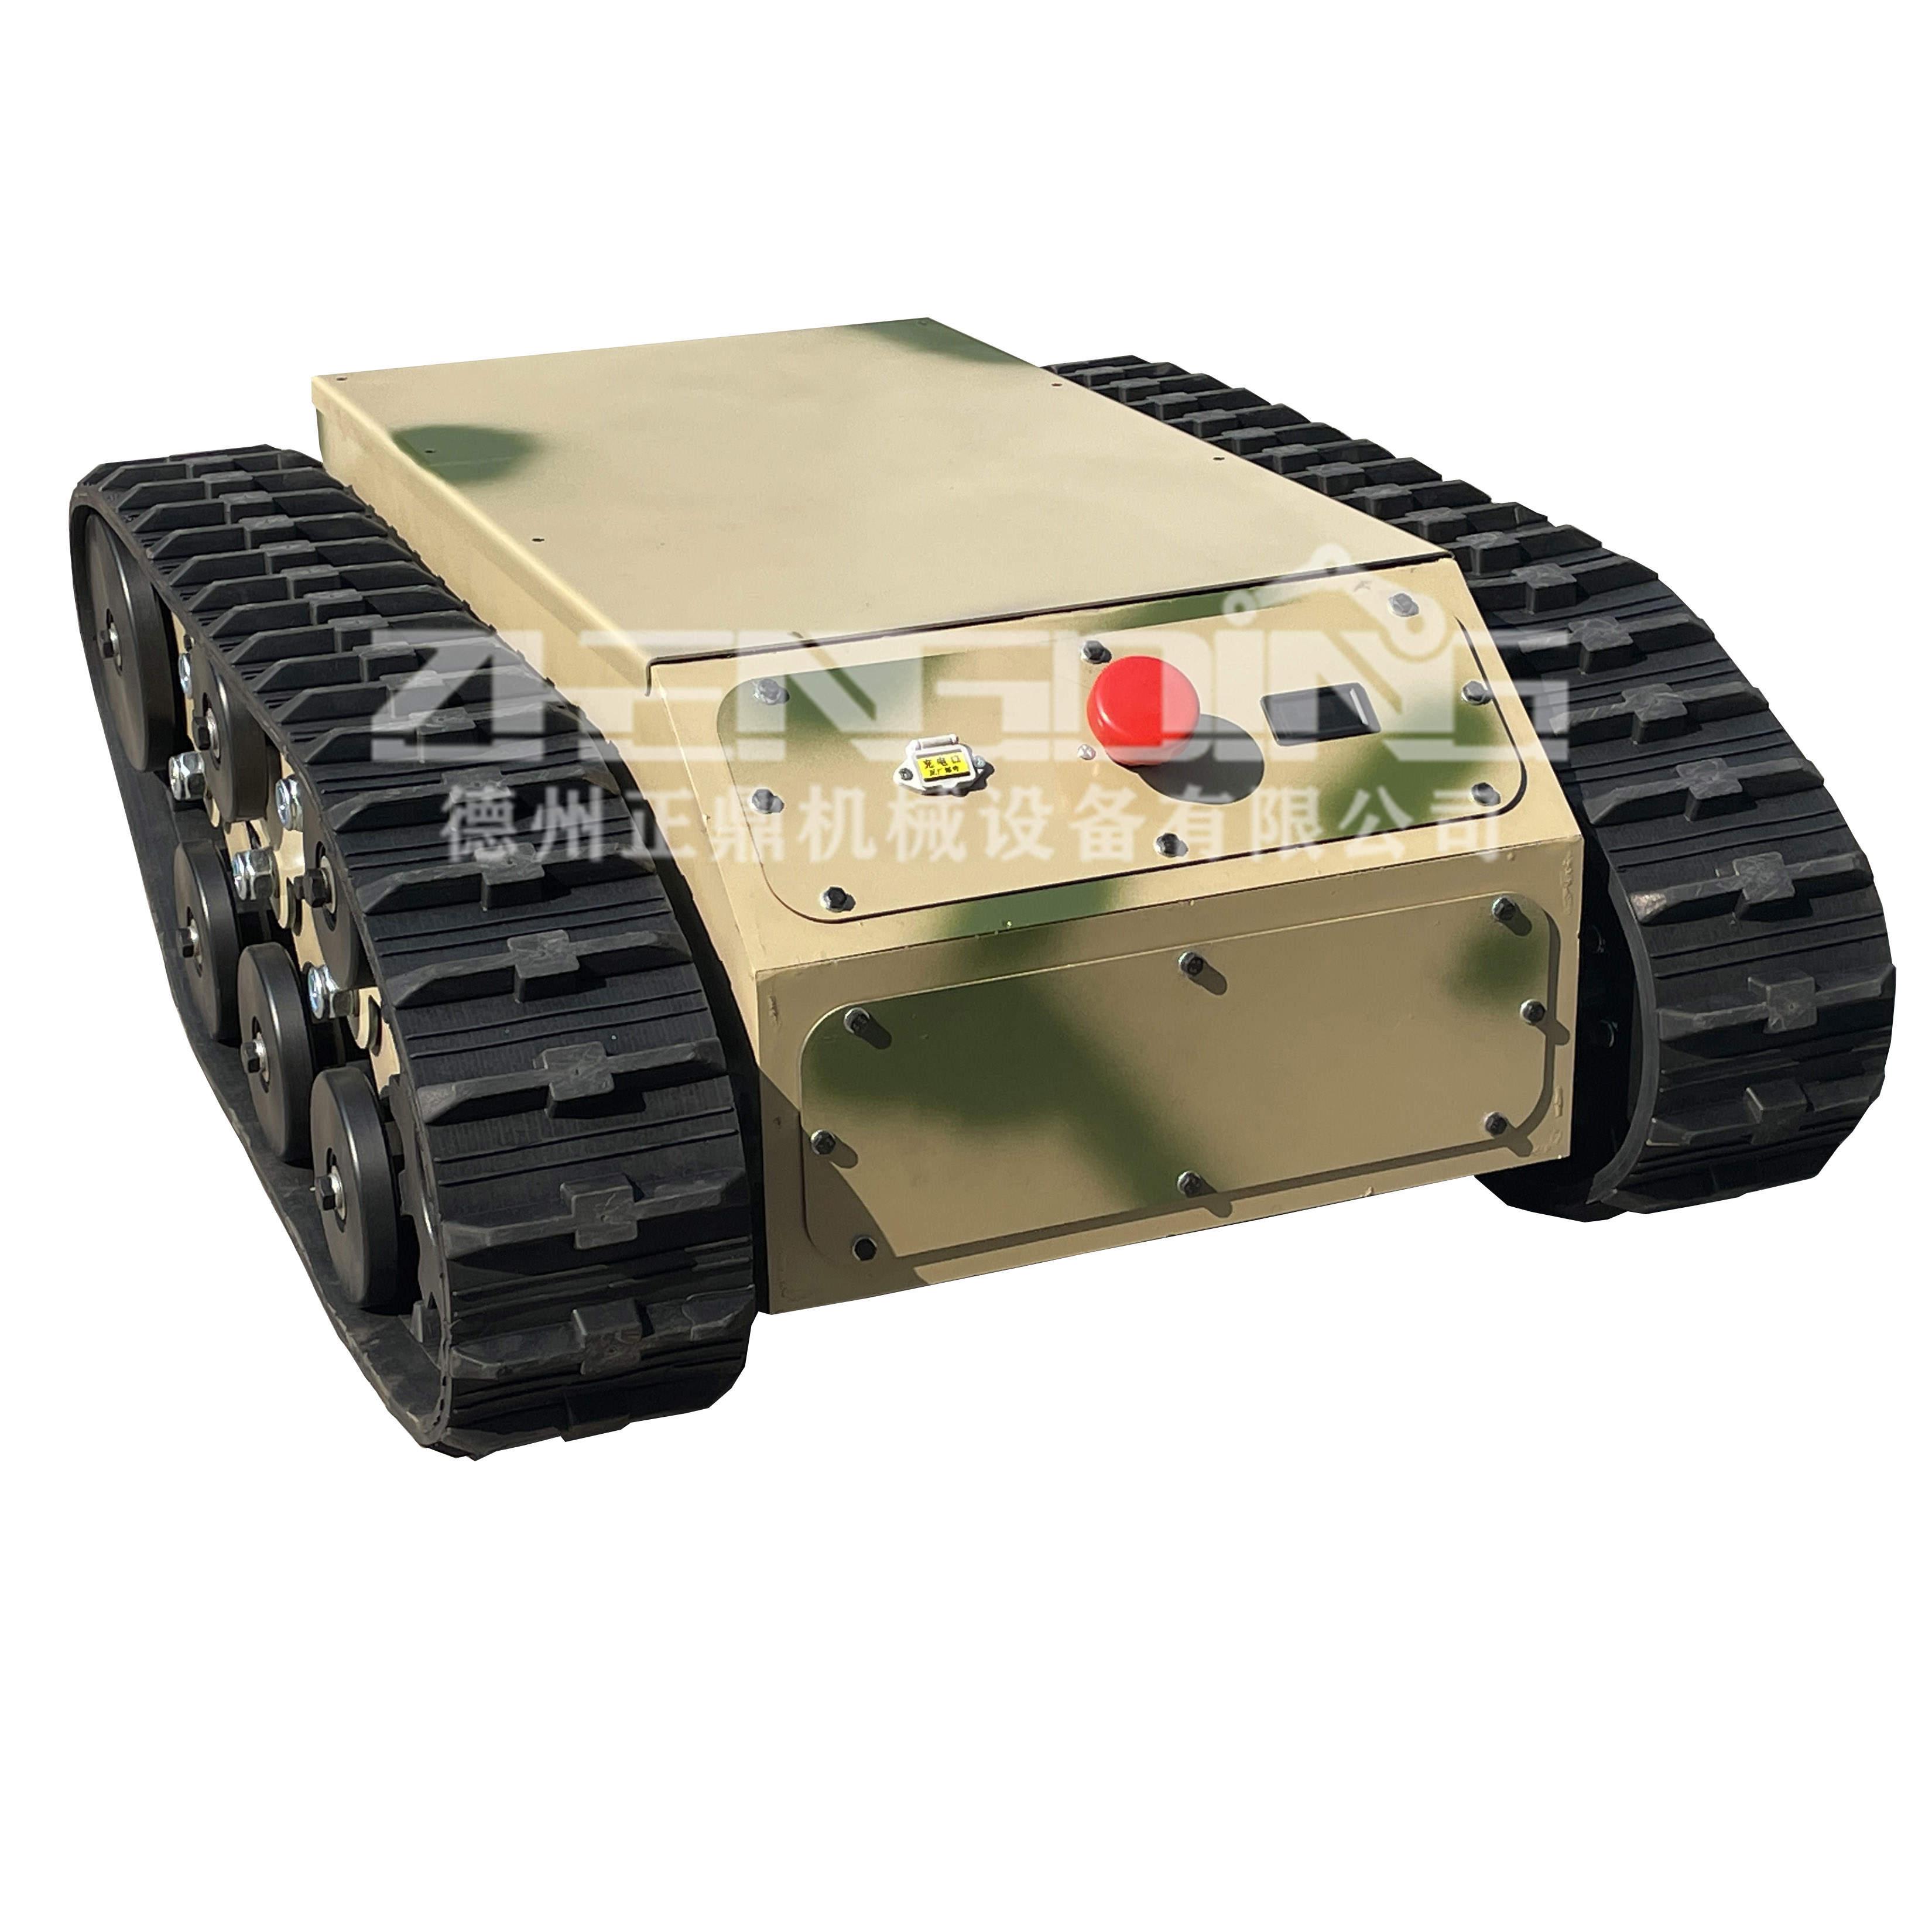 ZDDP-TLSY-150橡胶履带底盘